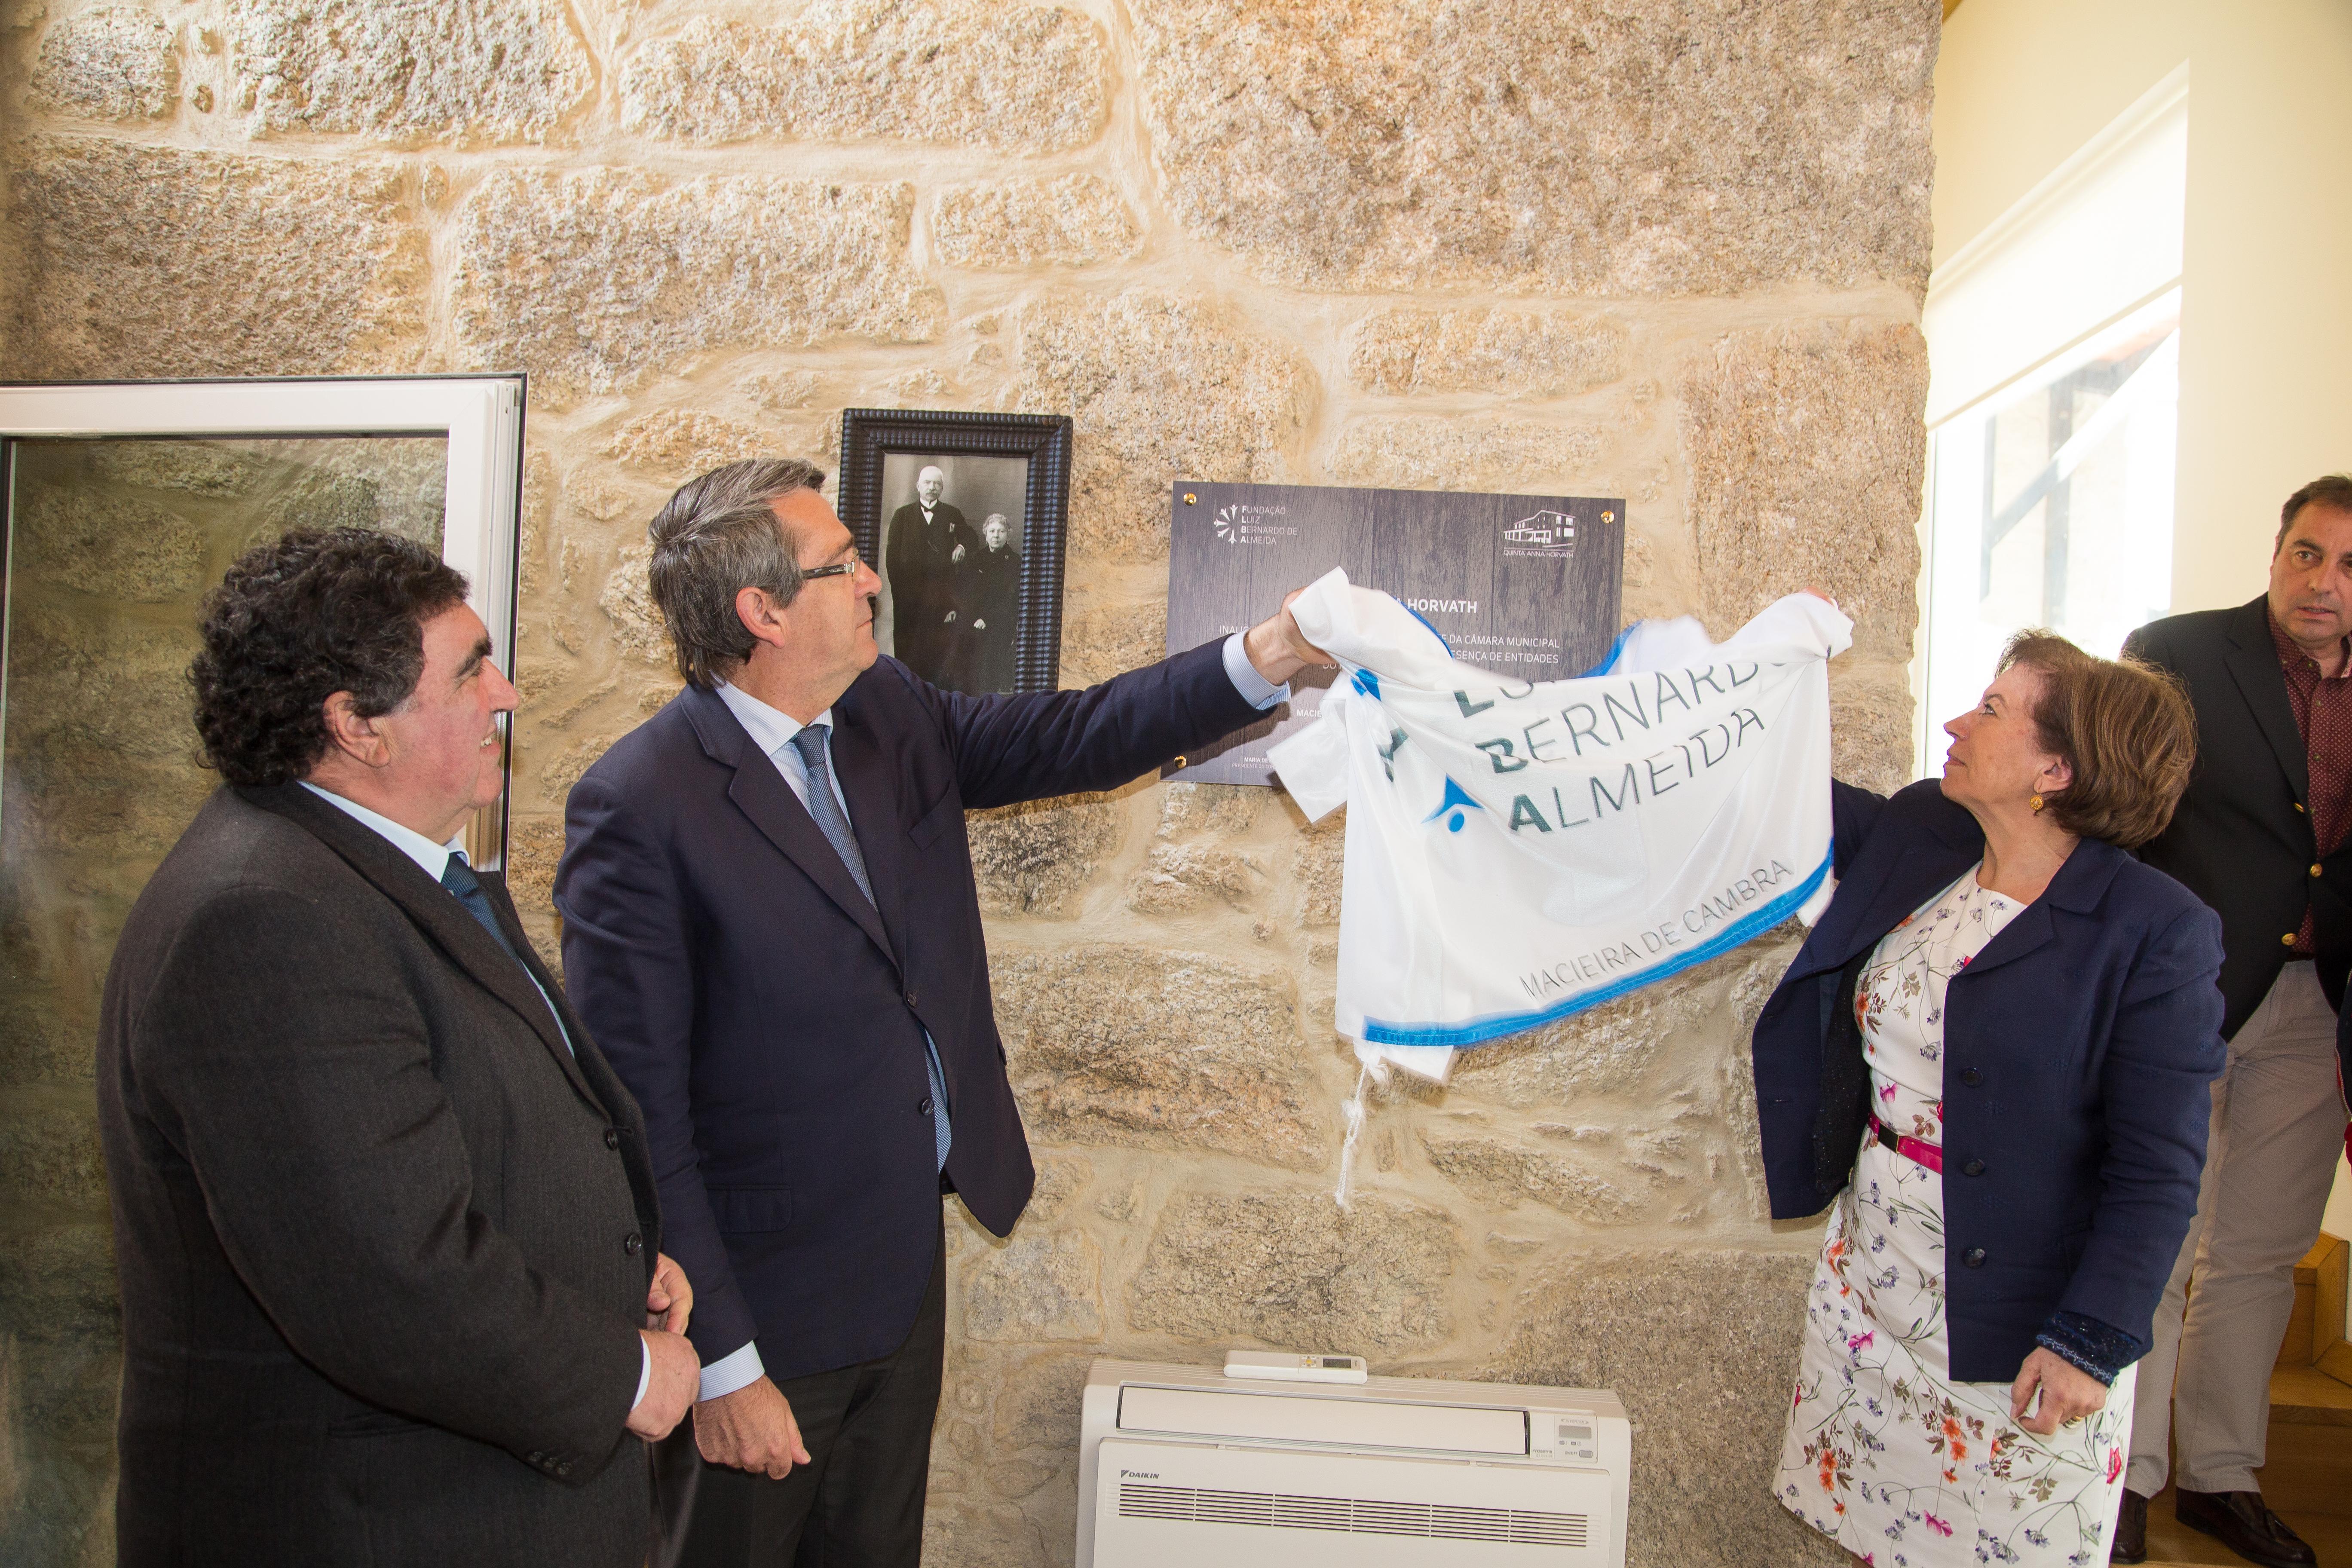 60 anos de Fundação Luíz Bernardo de Almeida